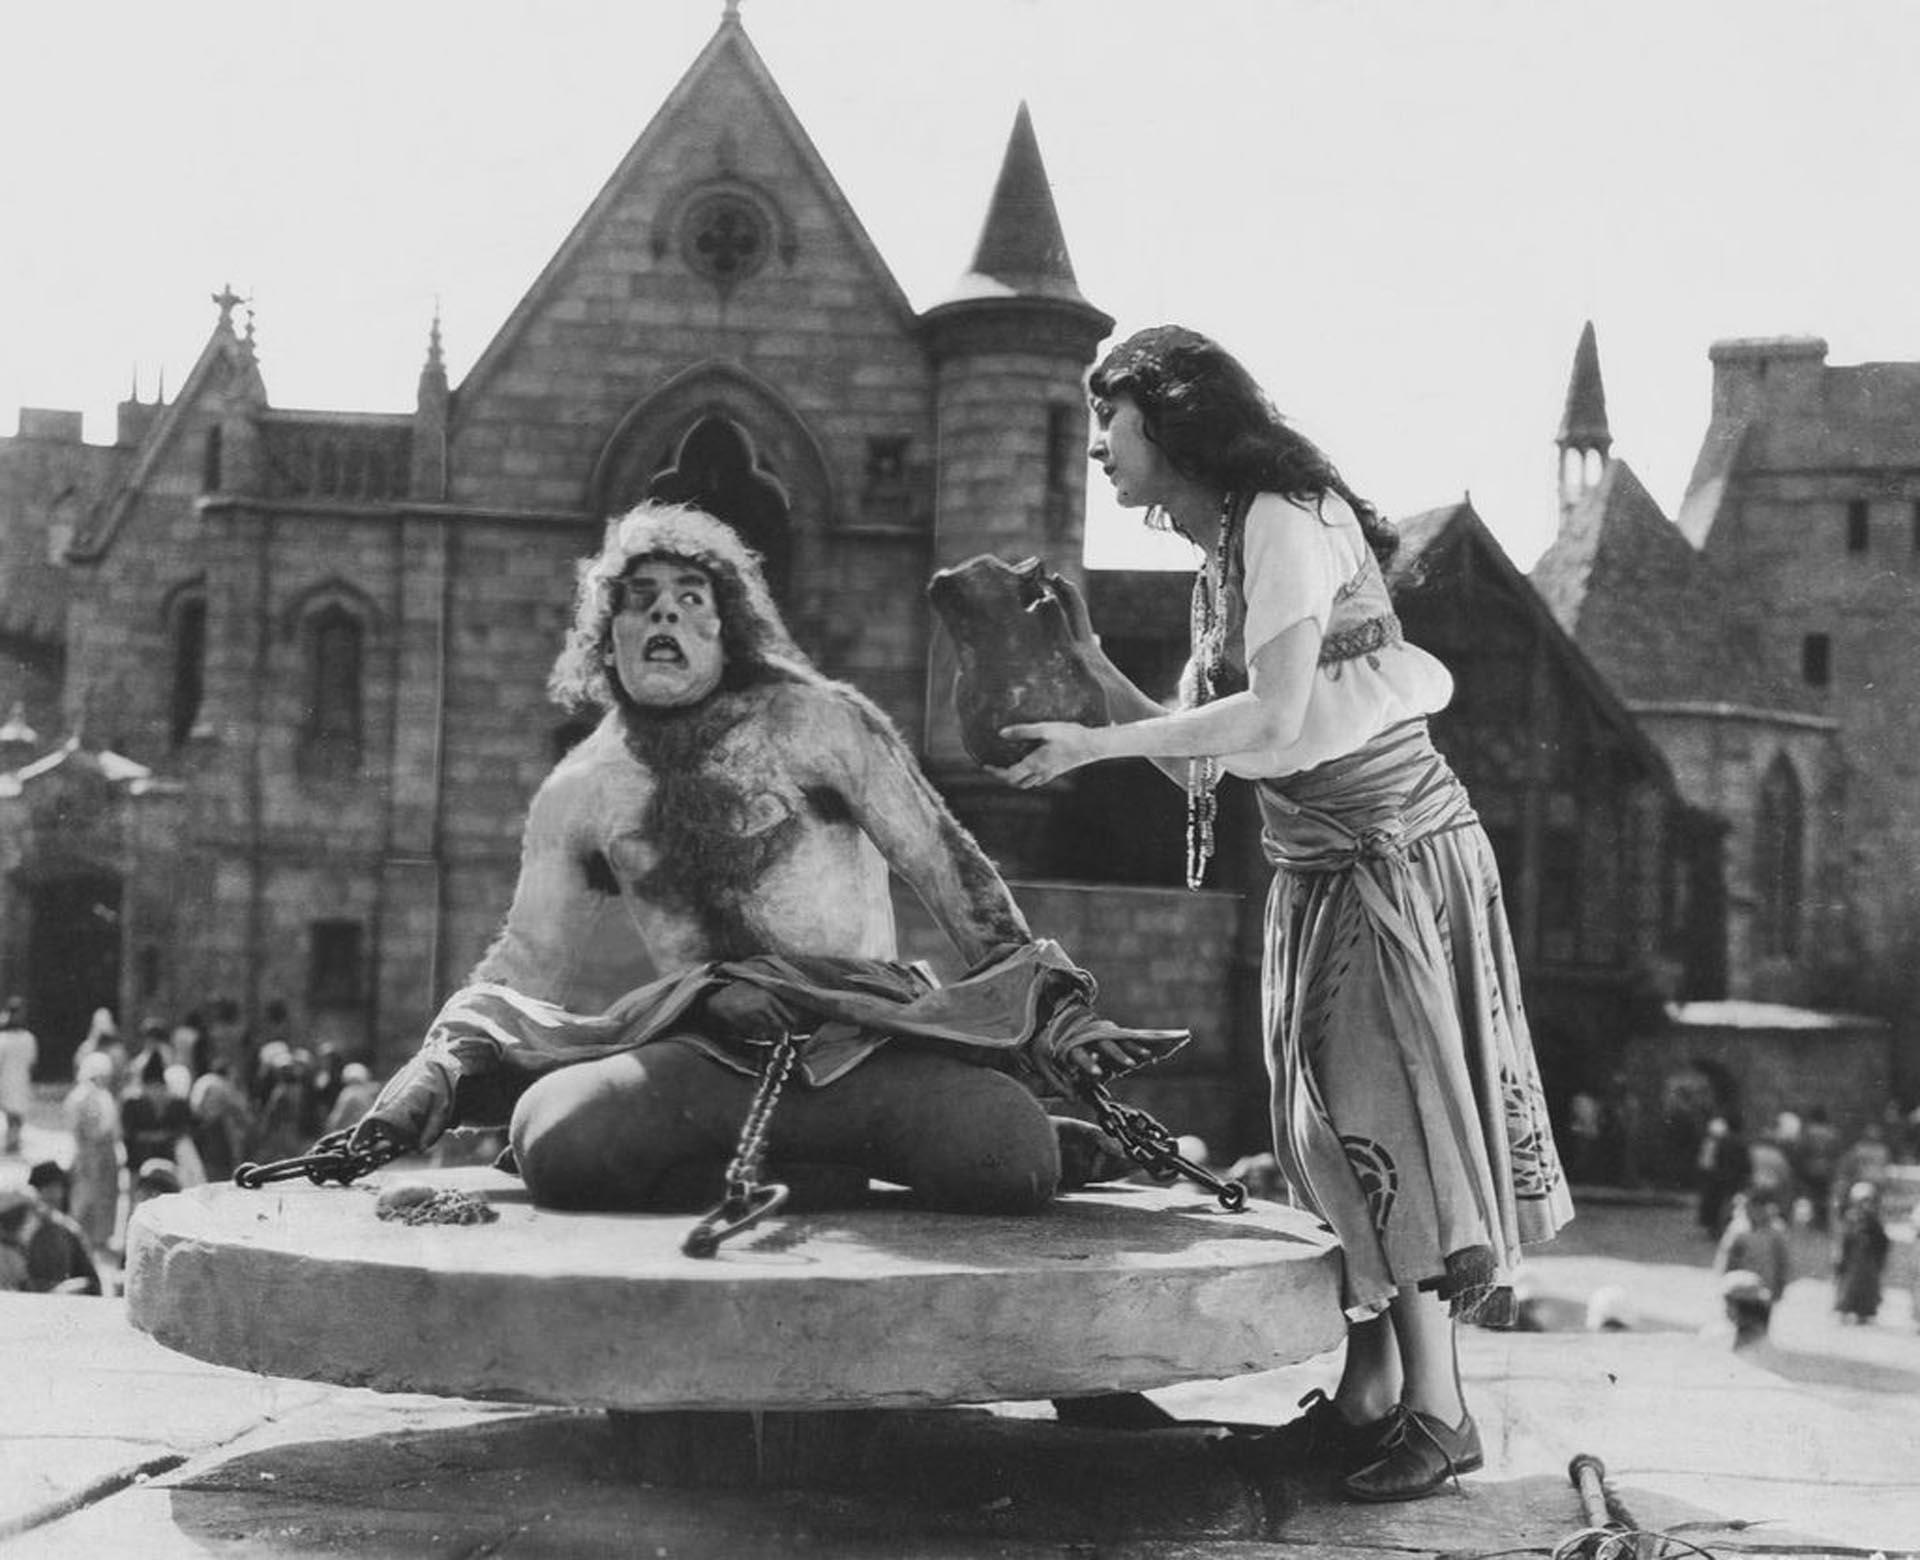 La Verdadera Historia De Quasimodo El Jorobado De Notre Dame Infobae